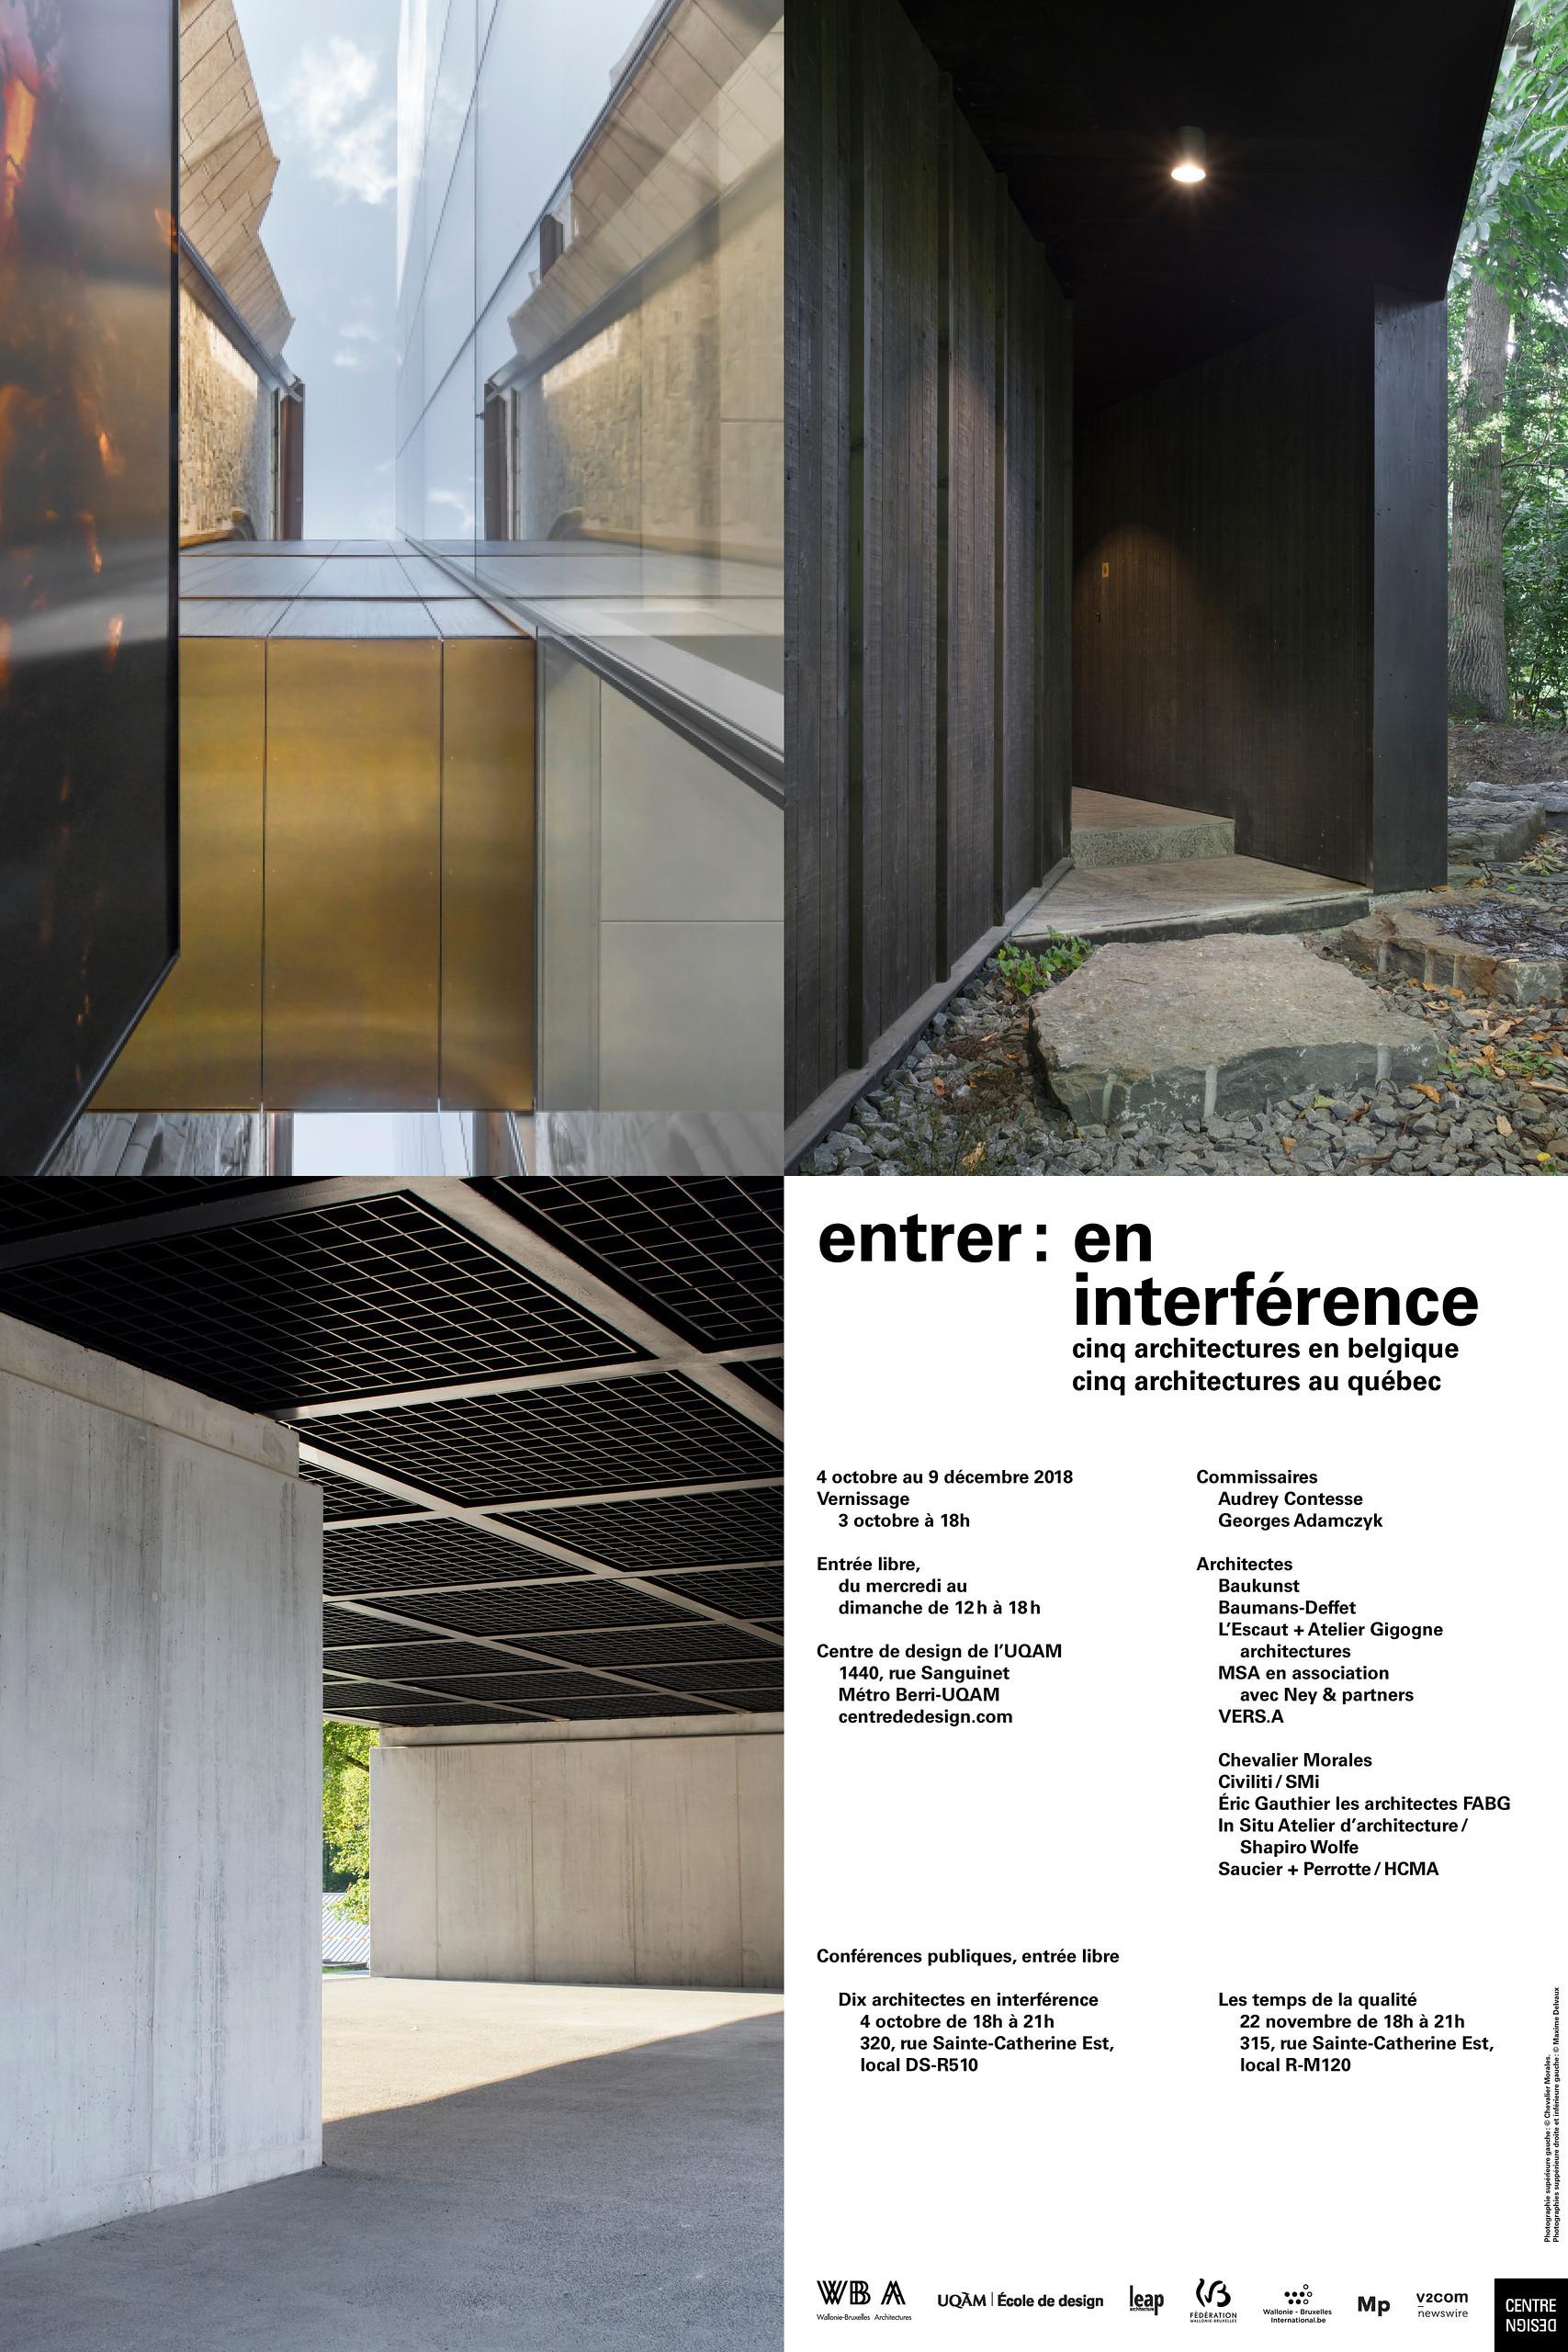 ENTRER: EN INTERFÉRENCE - EXPO - CENTRE DE DESIGN DE l'UQAM - 2018 - Graphisme © Jolin Masson